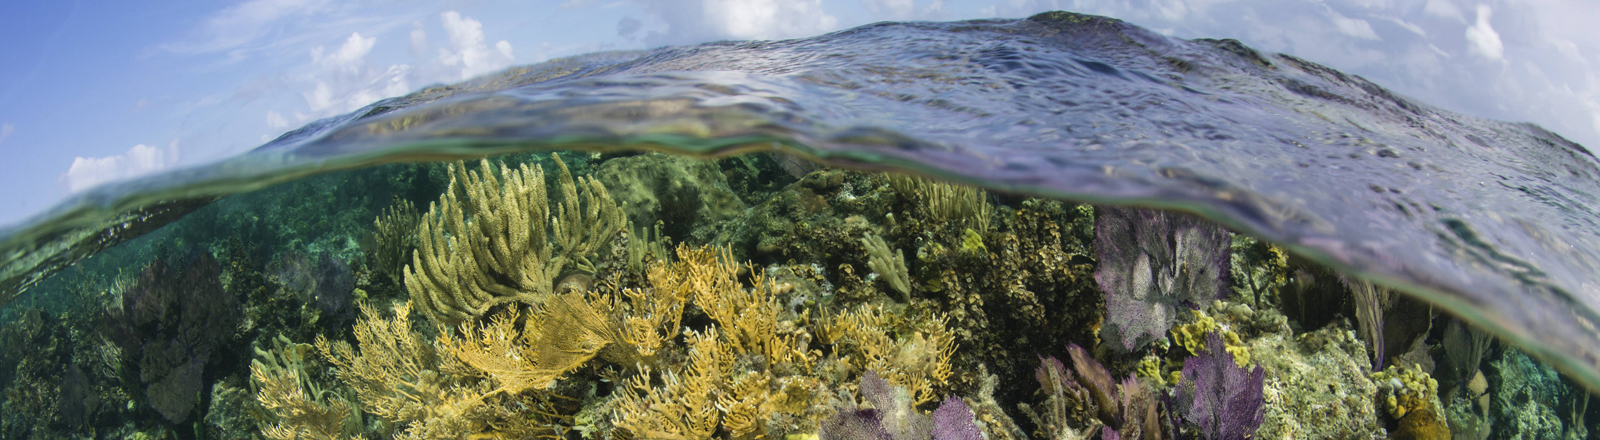 Korallenriff in der karibischen See